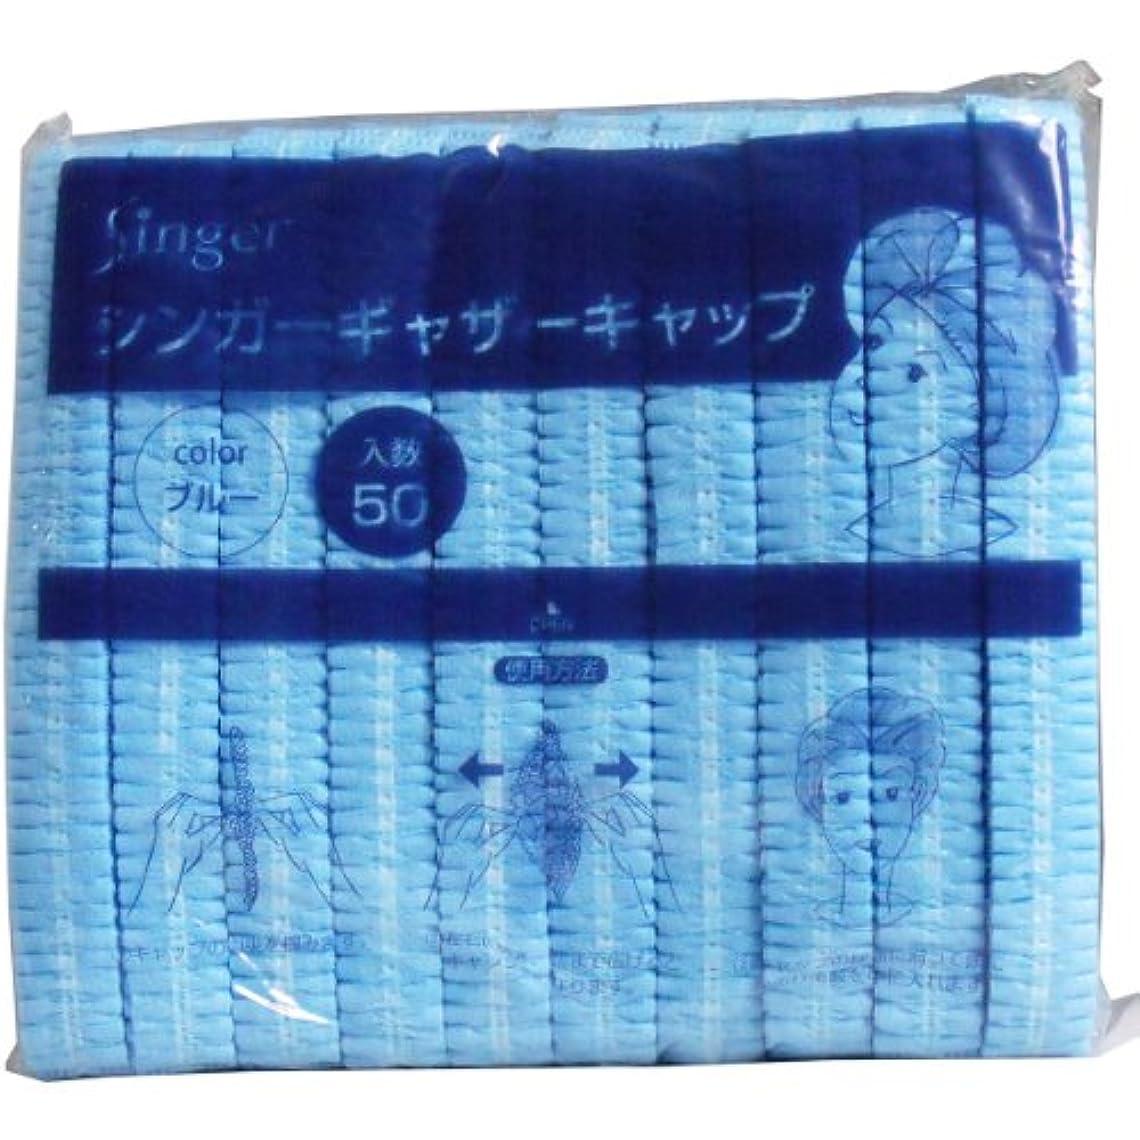 シンジケート体全くシンガー ギャザーキャップ 袋入 ブルー フリーサイズ 50袋入